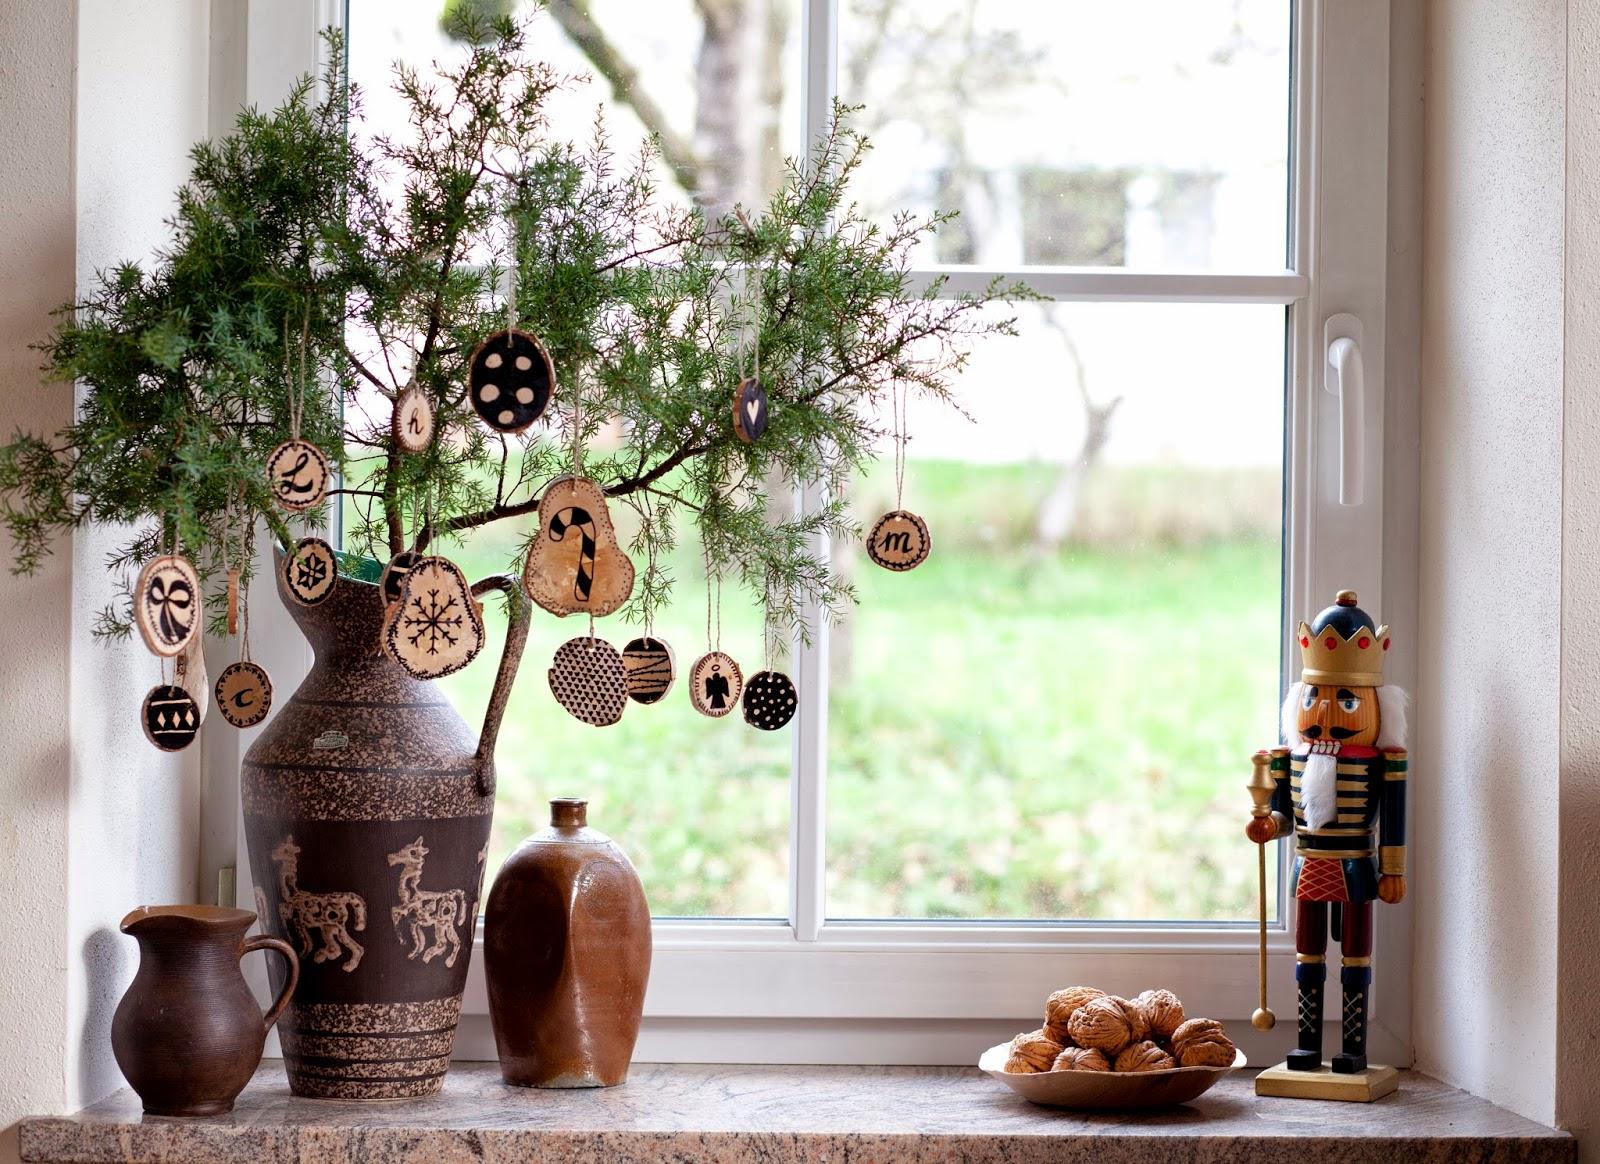 Weihnachten holzanh nger und eine weihnachtsgirlande - Weihnachtsgirlande basteln ...